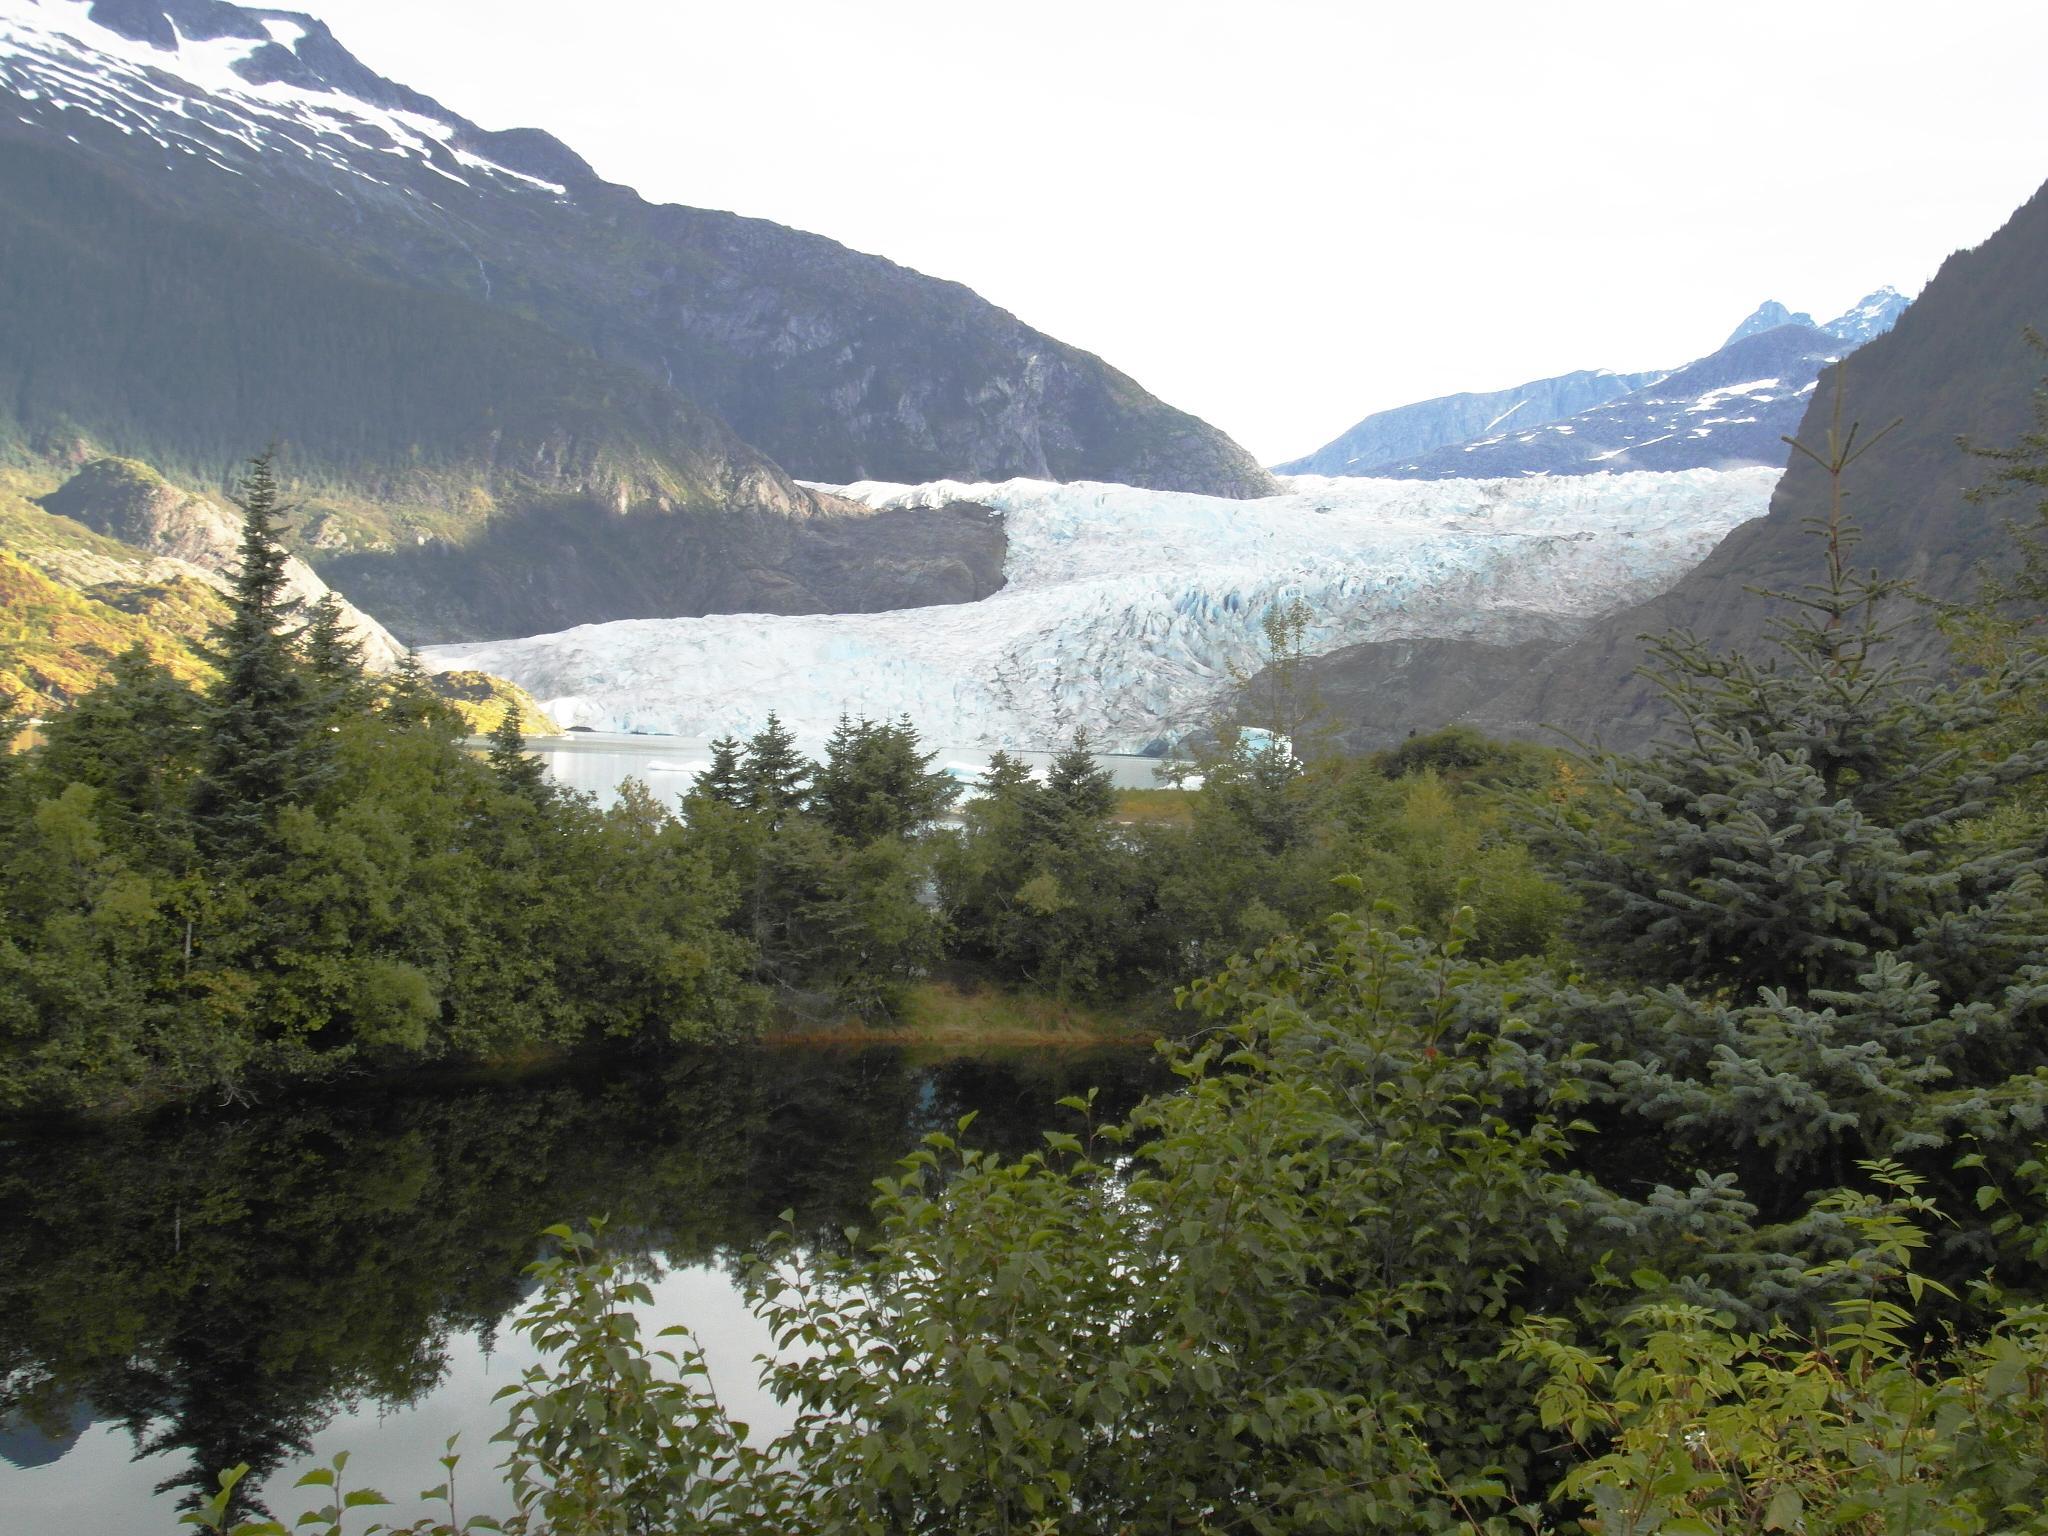 Mendenhall Glacier by Ada Montalvo